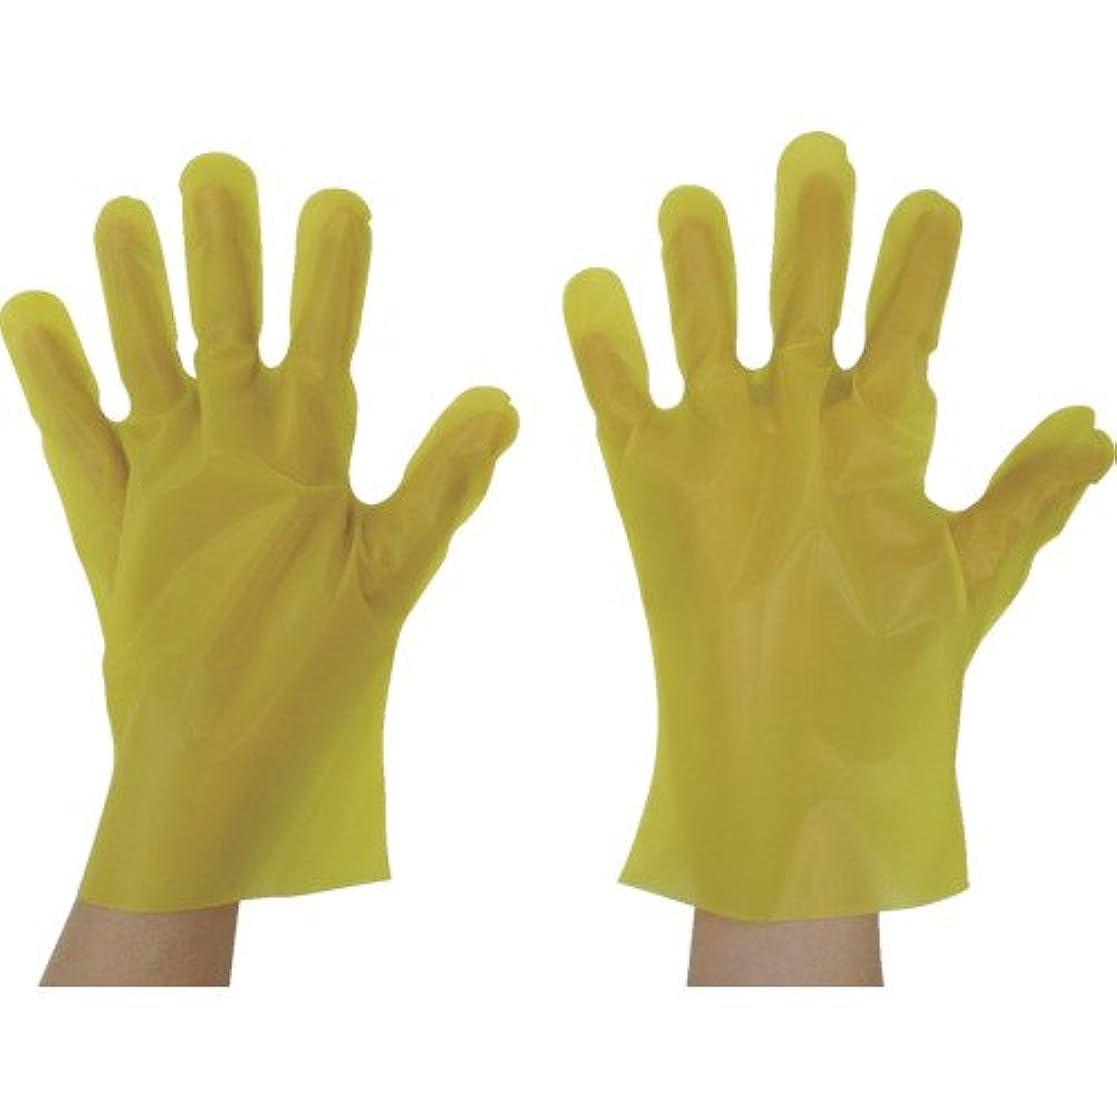 告発者労働者捧げる東京パック エンボス手袋五本絞りエコノミー化粧箱M イエロー(入数:200枚) YEK-M